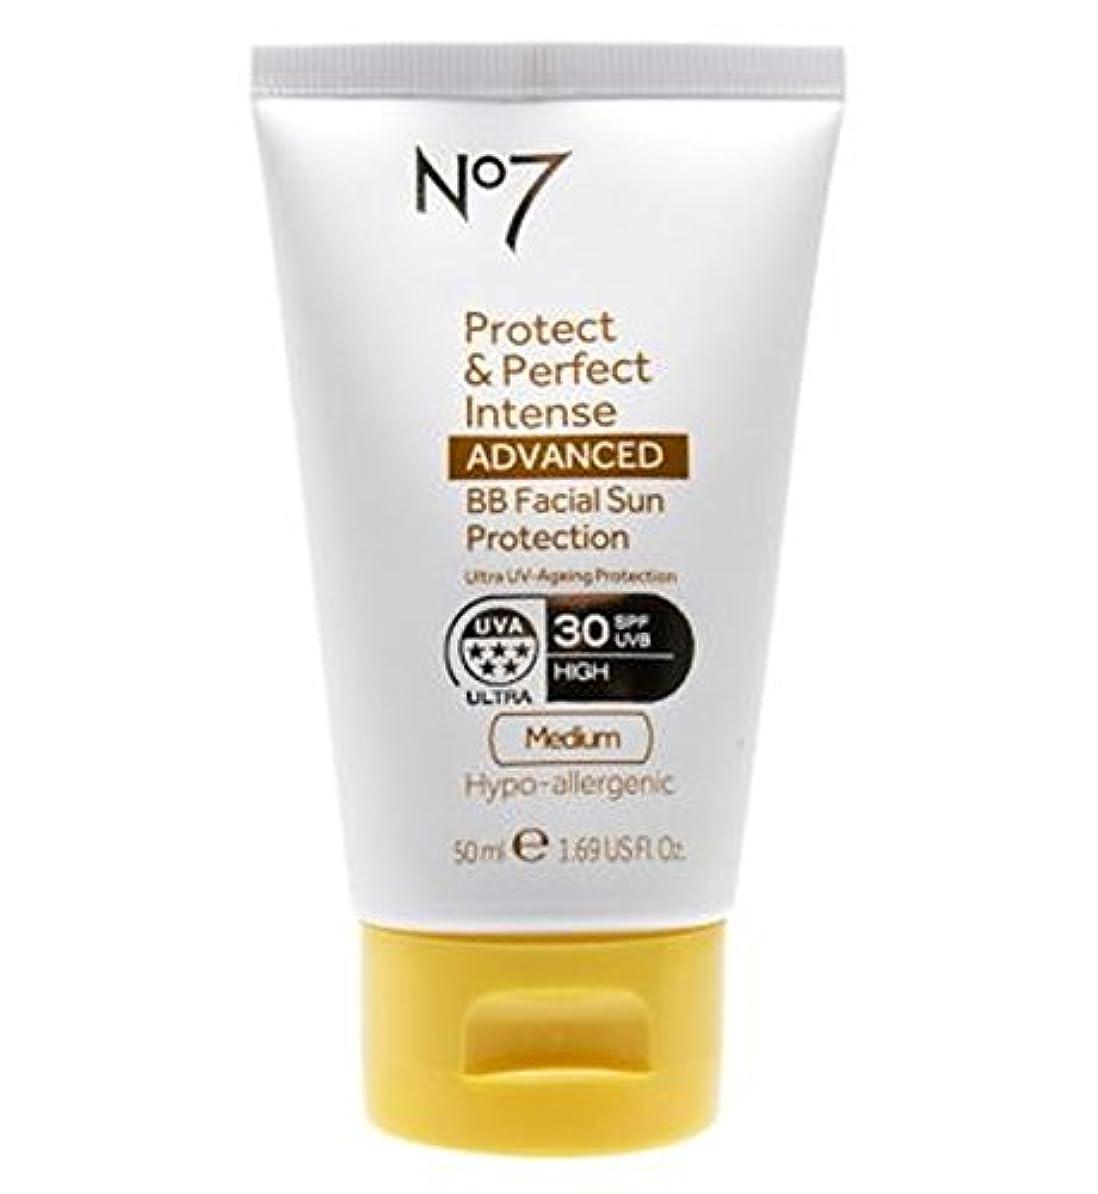 色私の怠惰No7 Protect & Perfect Intense ADVANCED BB Facial Sun Protection SPF30 Medium 50ml - No7保護&完璧な強烈な先進Bb顔の日焼け防止Spf30...